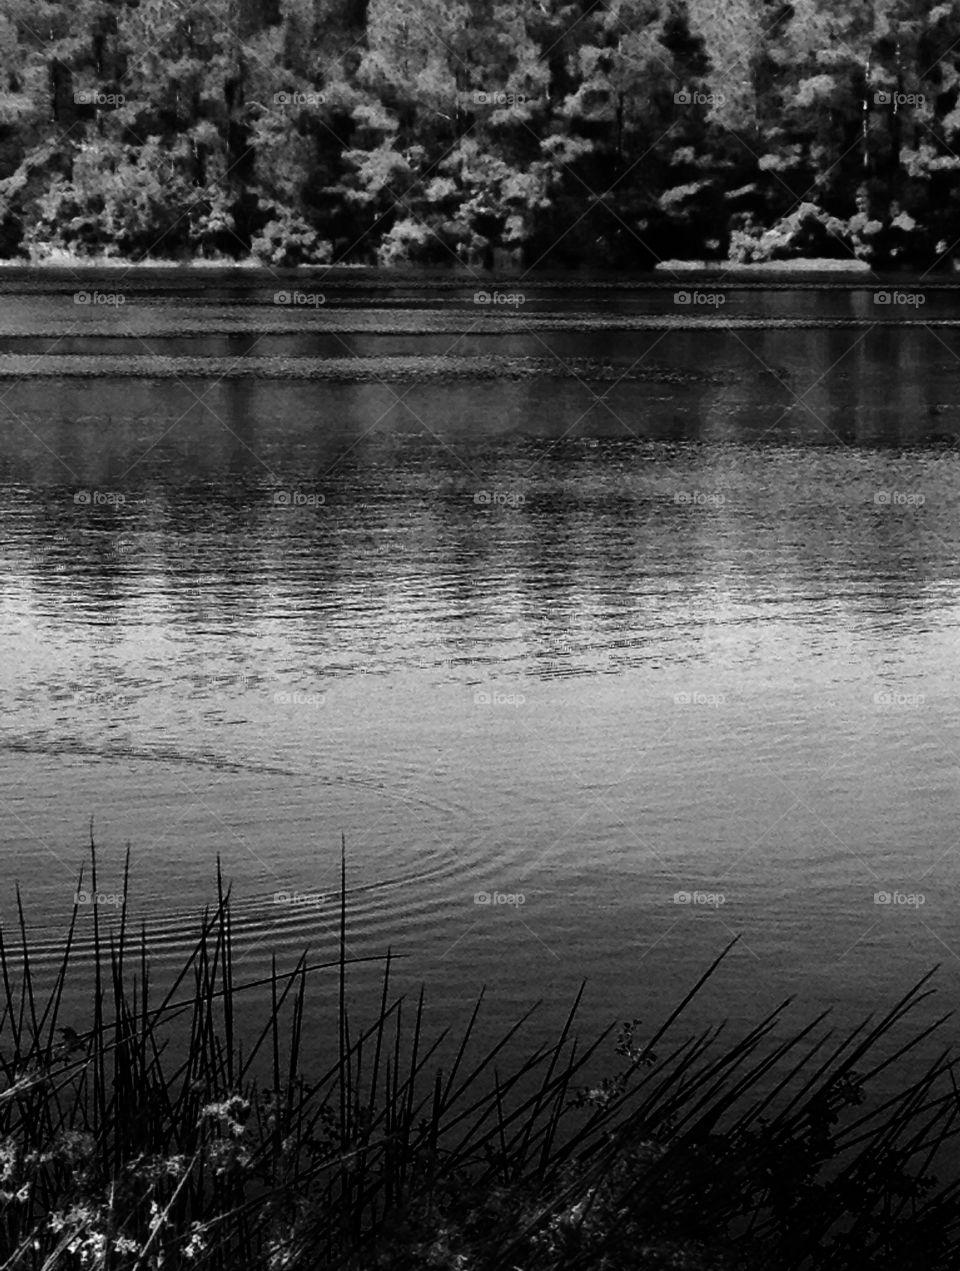 Georgia Lake. Georgia lake